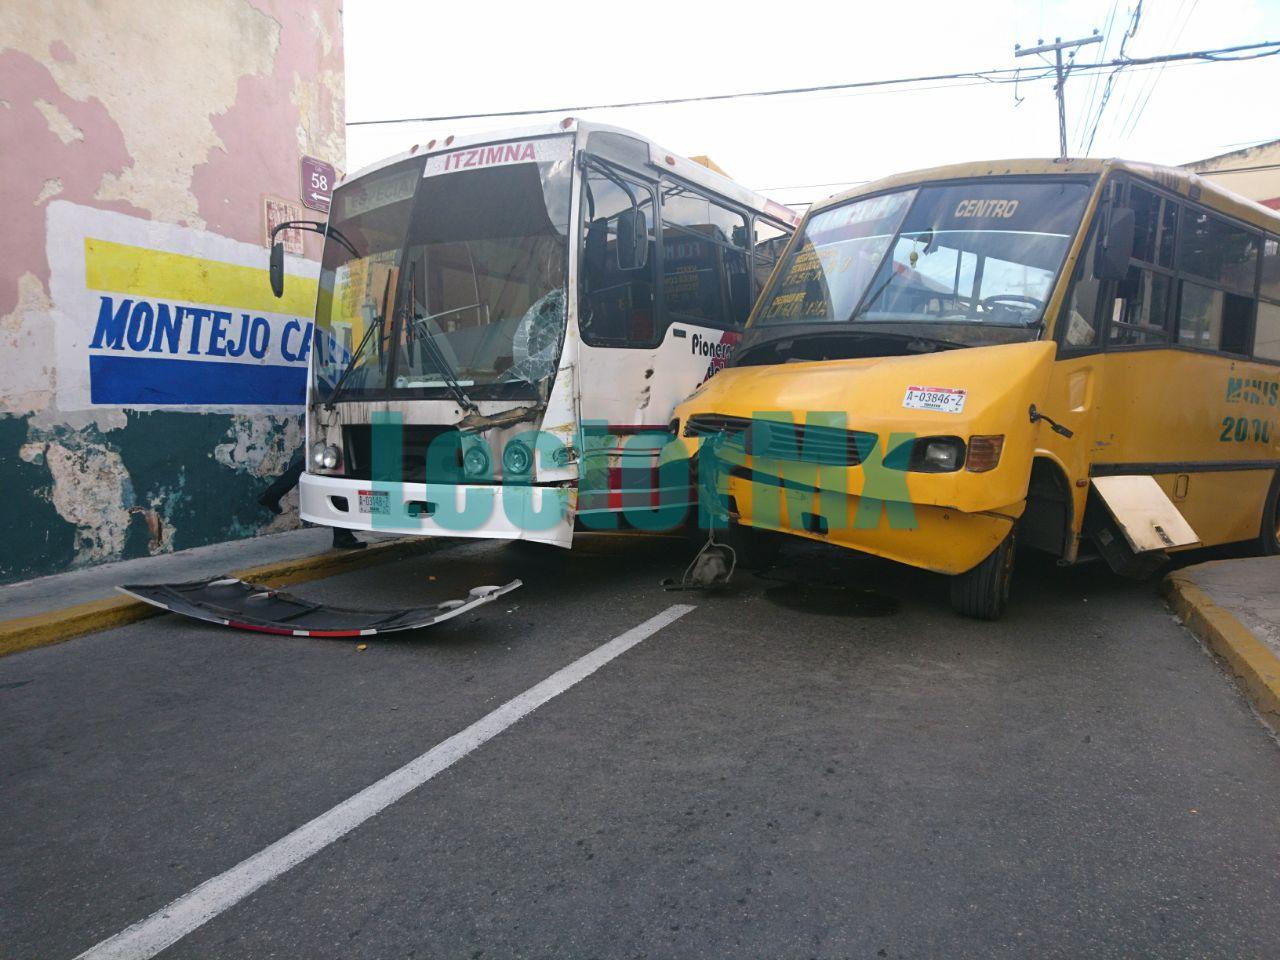 Encontronazo de autobuses urbanos en centro de Mérida